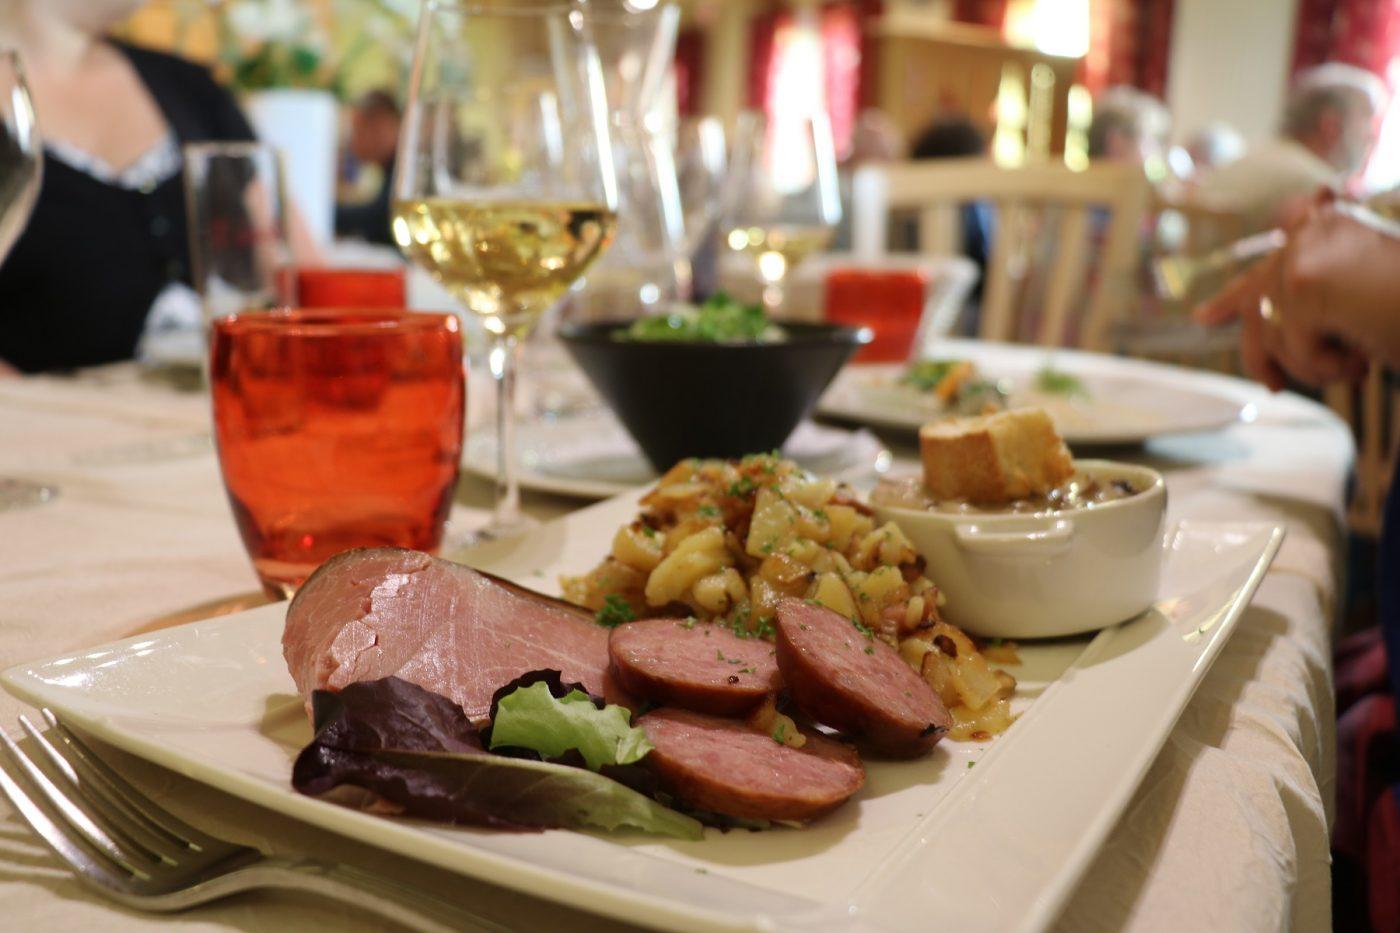 repas traditionnel franc comtois saucisse rostis pays horloger jura doubs gastronomie restaurants